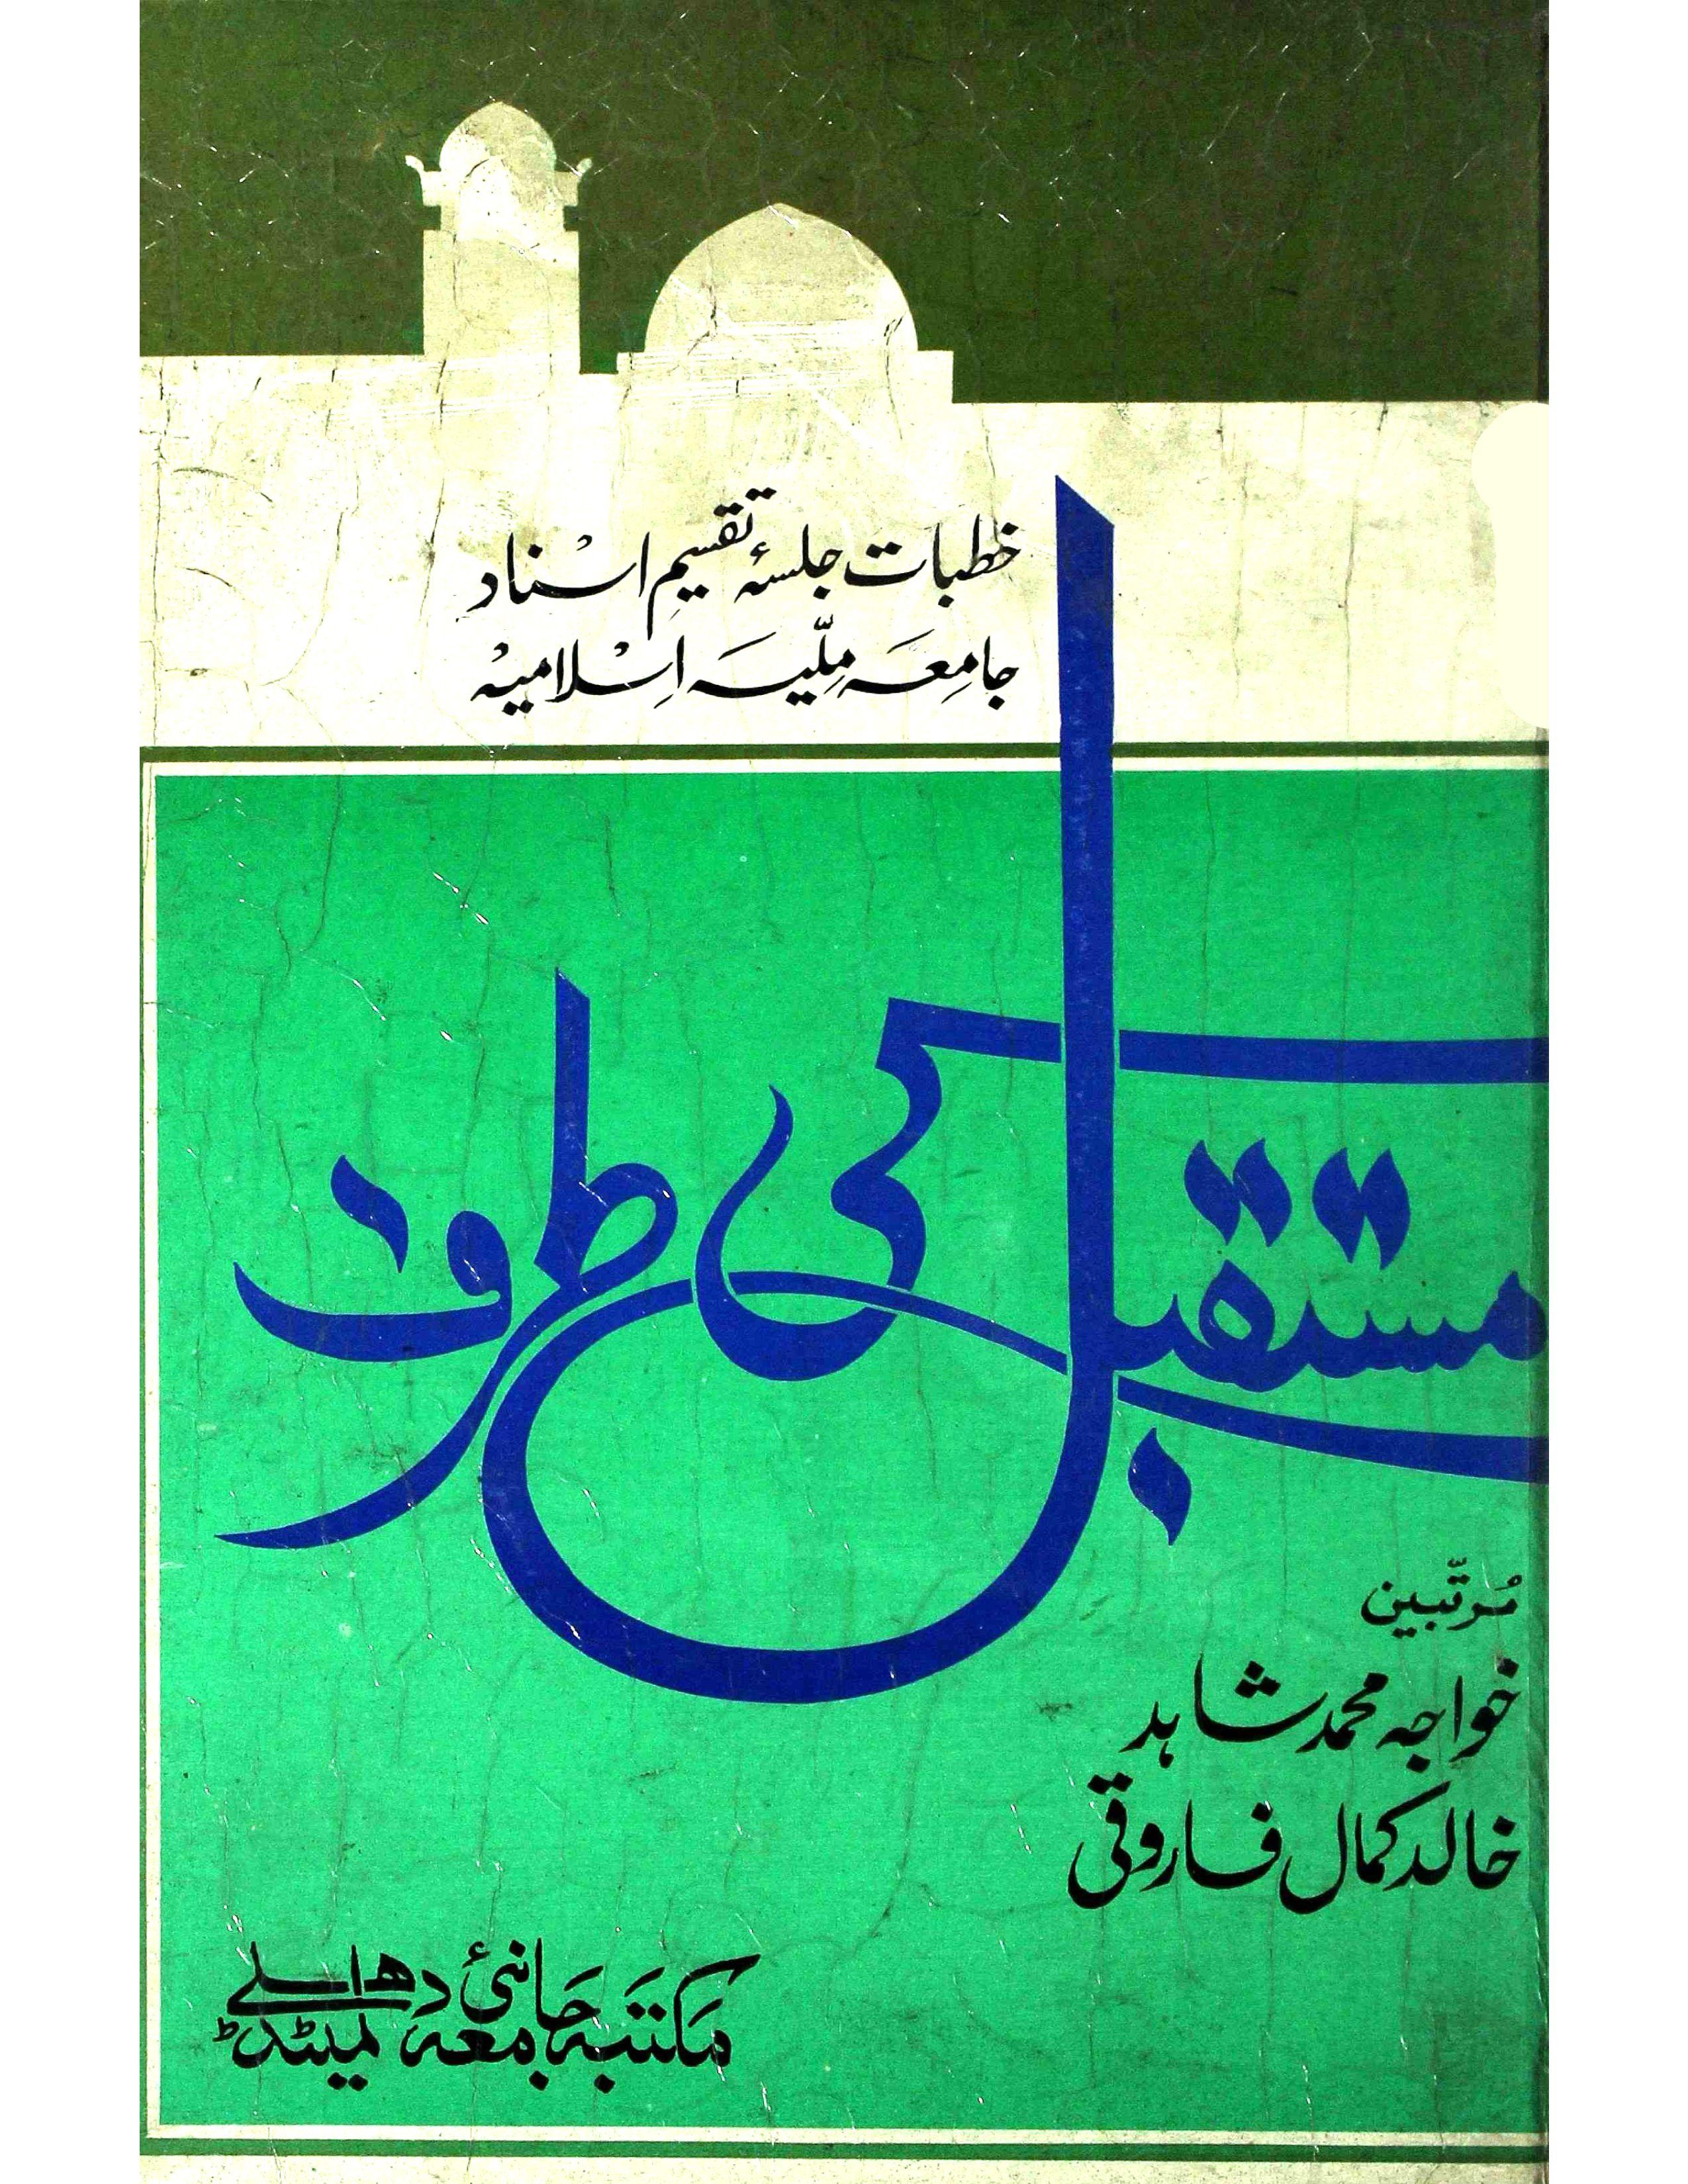 Mustaqbil Ki Taraf